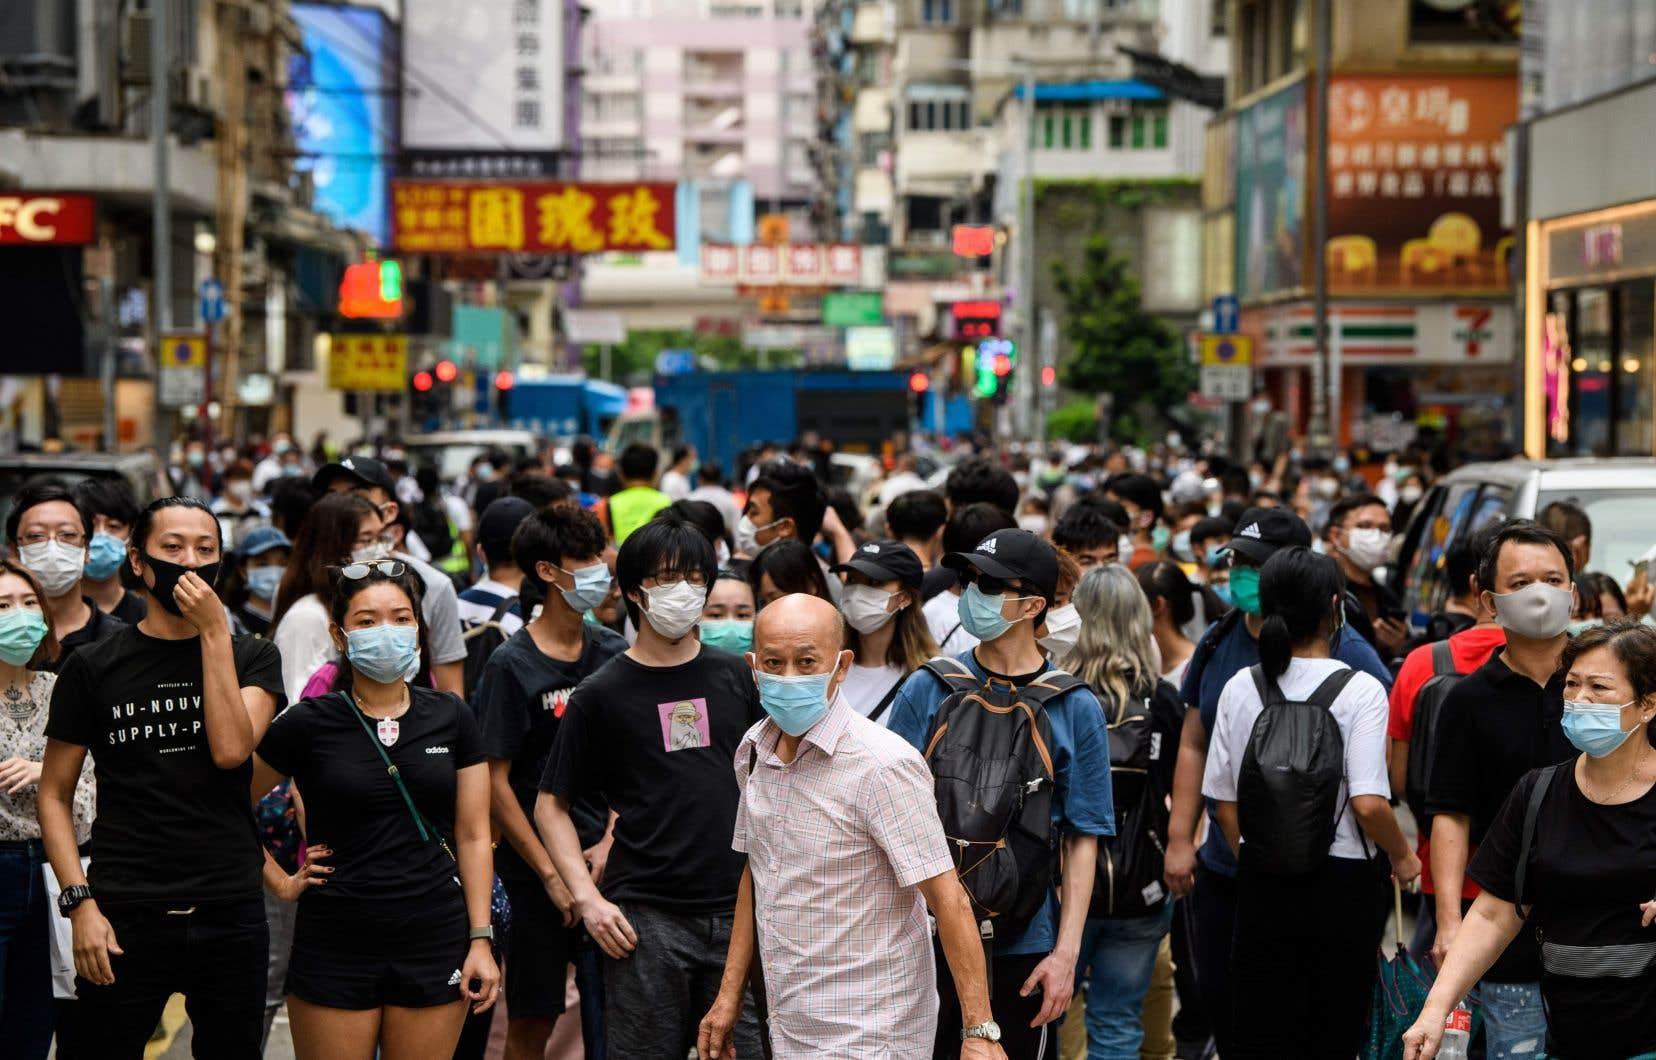 Des rassemblements spontanés ont eu lieu dans les quartiers de Causeway Bay, Mong Kok et Central, dispersé dans ce dernier par des tirs de billes de gaz poivré irritant.